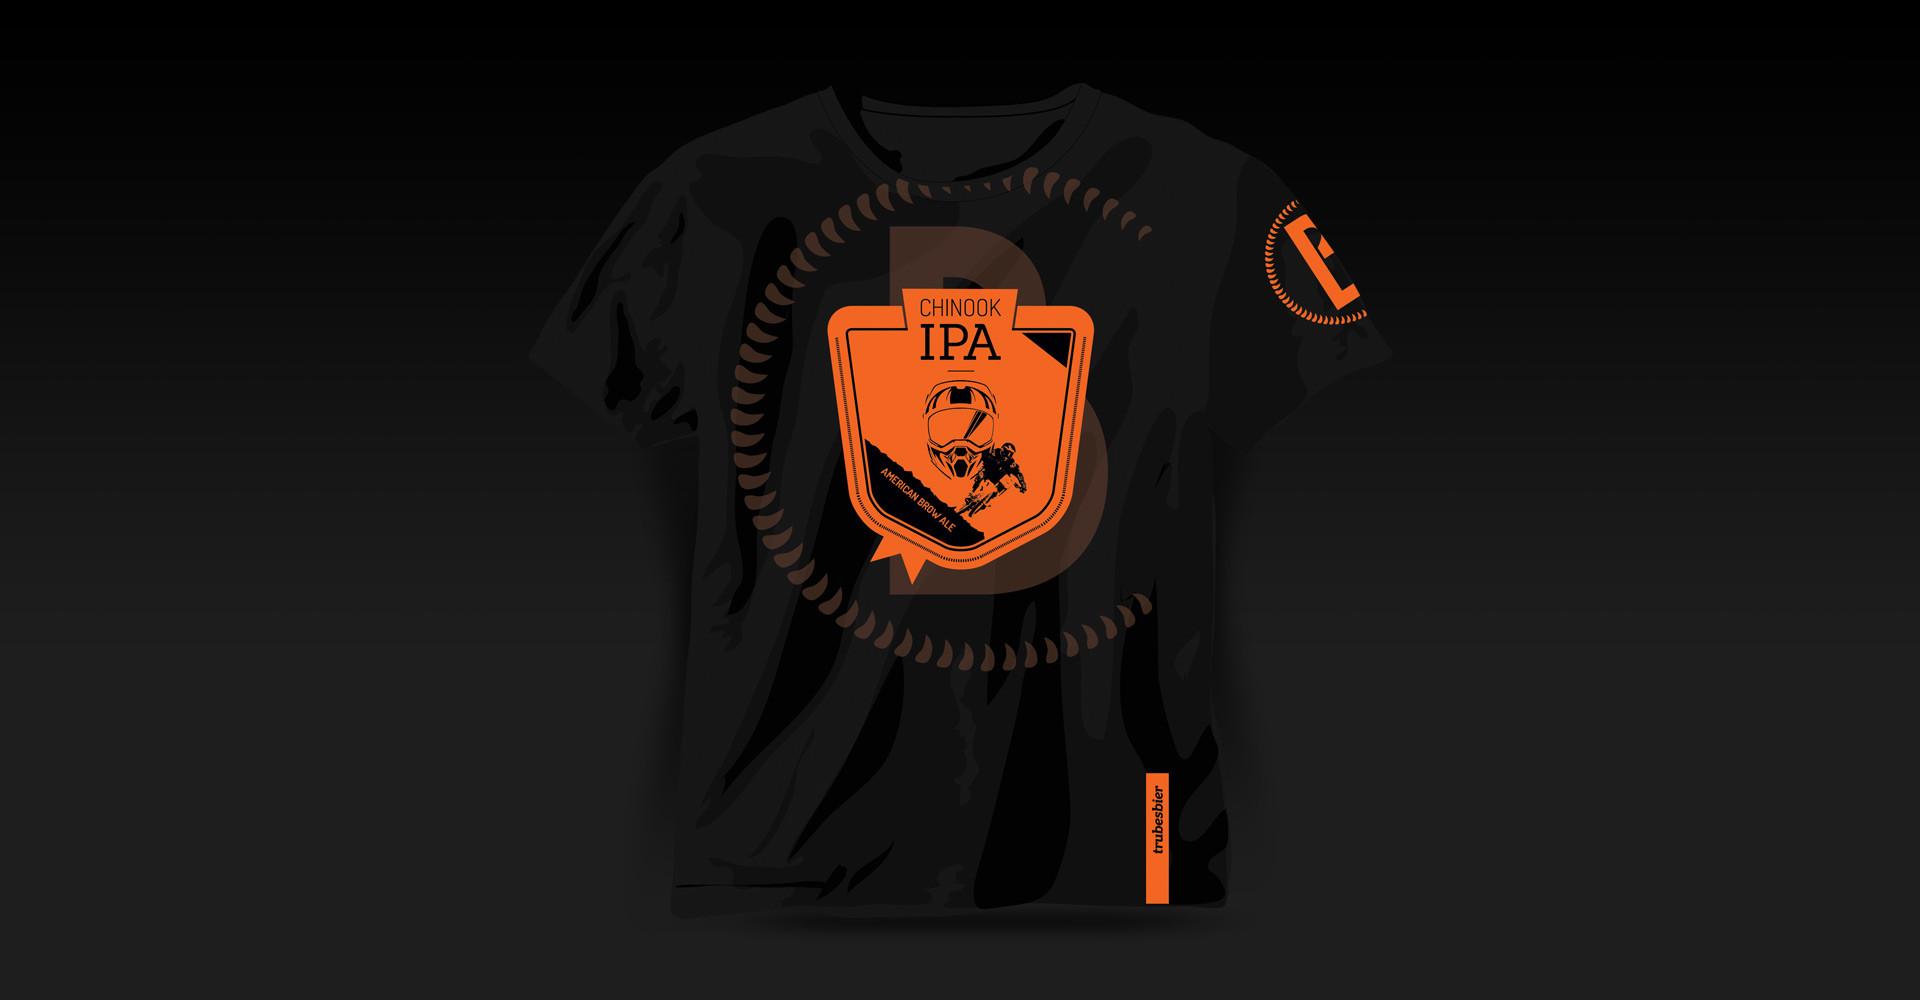 Realizzazione merchandising Trubes Bier